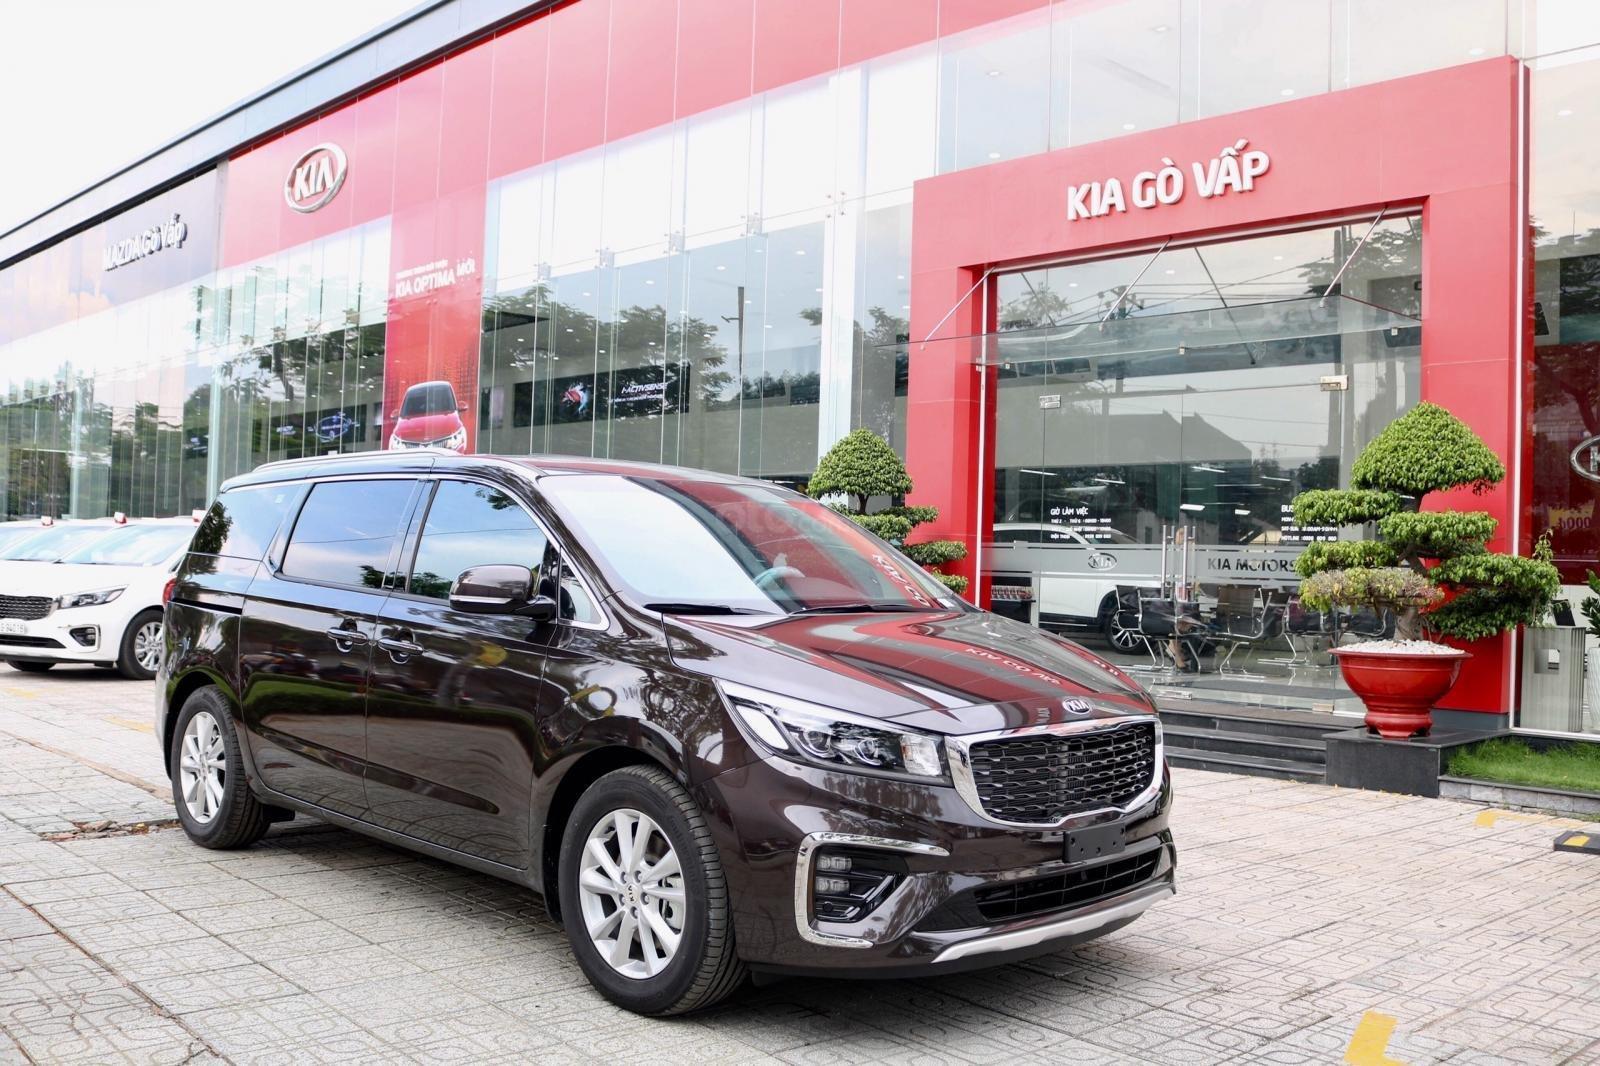 Kia Sedona 2019 huyện Hóc Môn, tặng bảo hiểm, đưa trước 370 triệu có xe-1